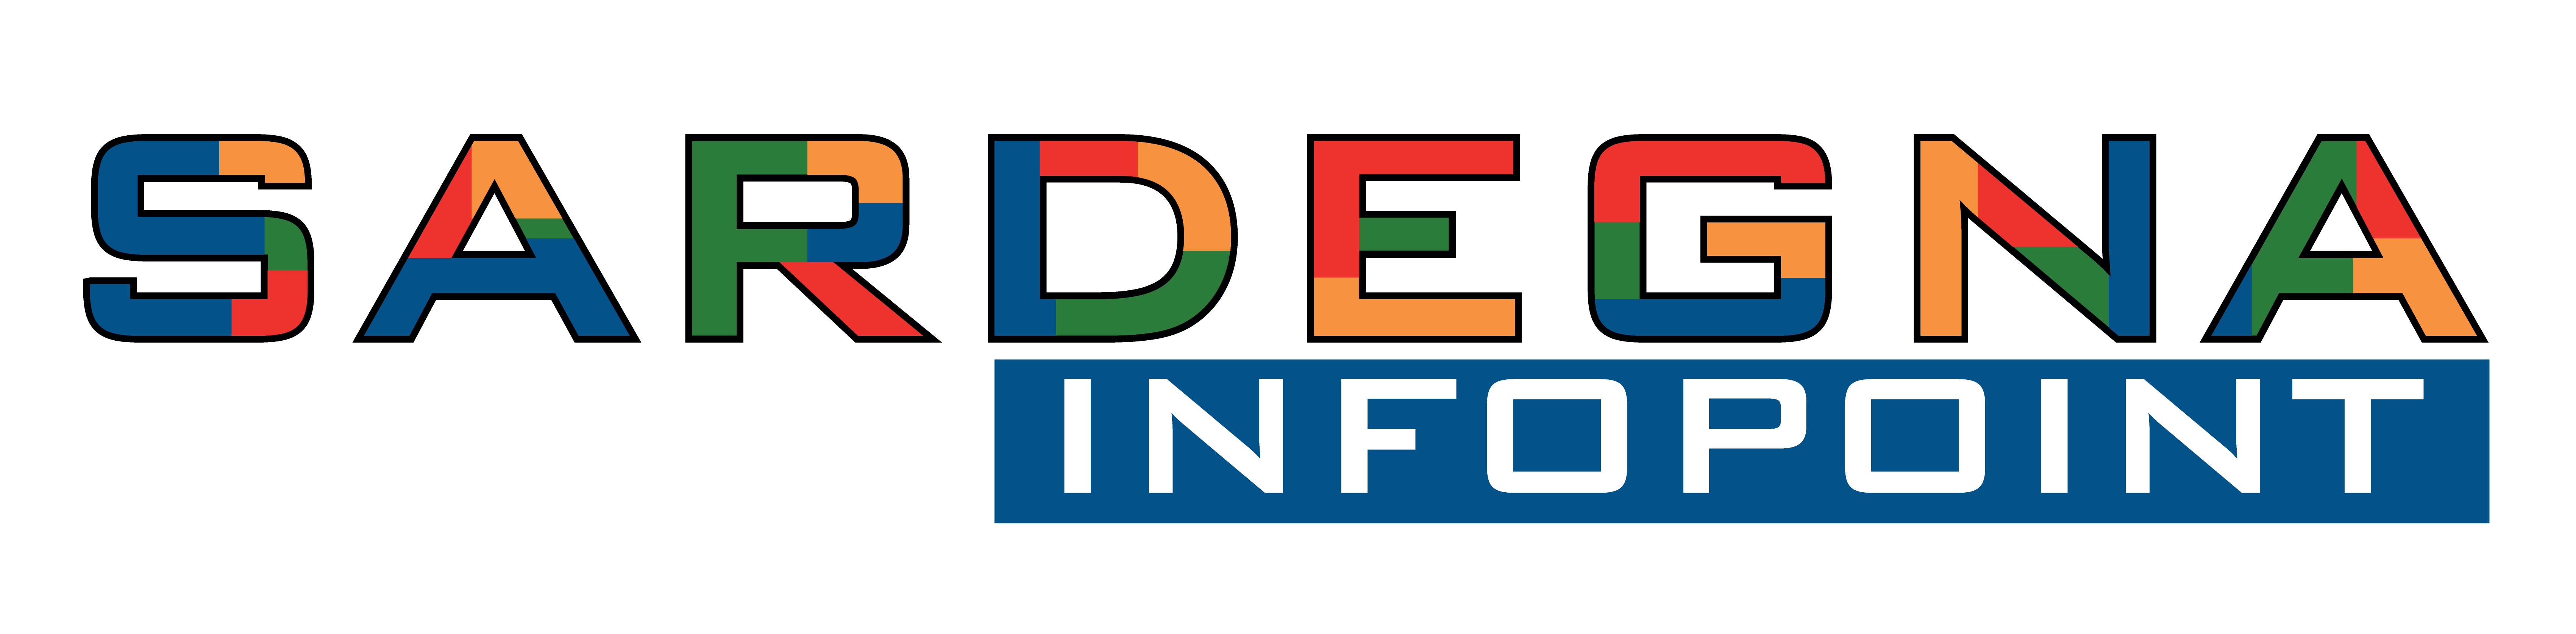 logo sardegna infopoint sito-01